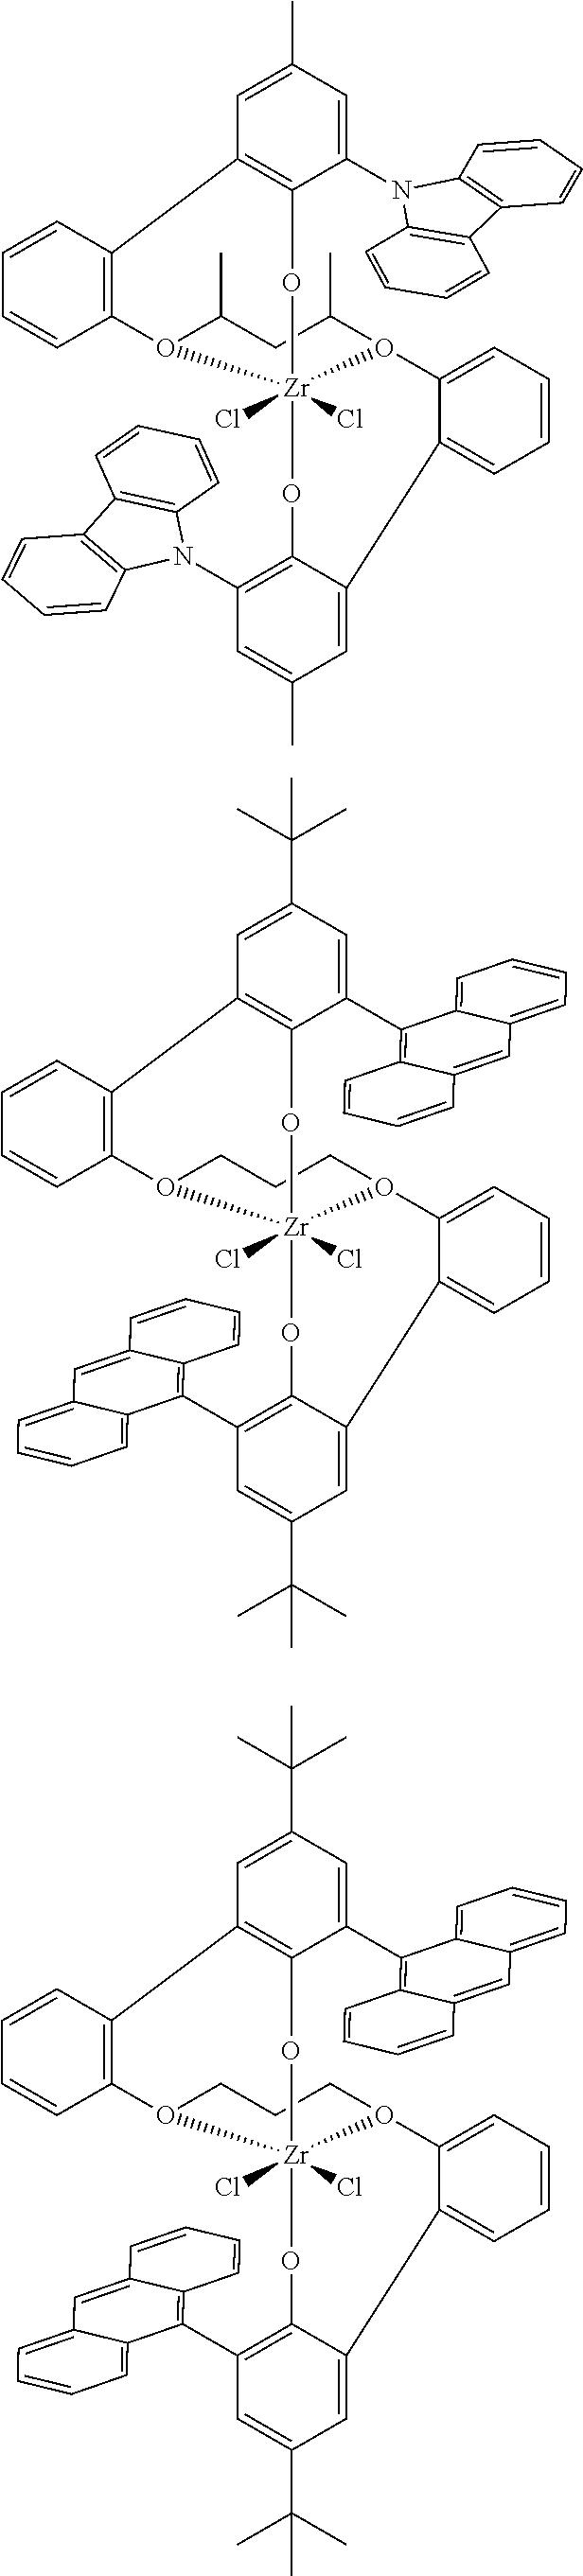 Figure US09212234-20151215-C00018